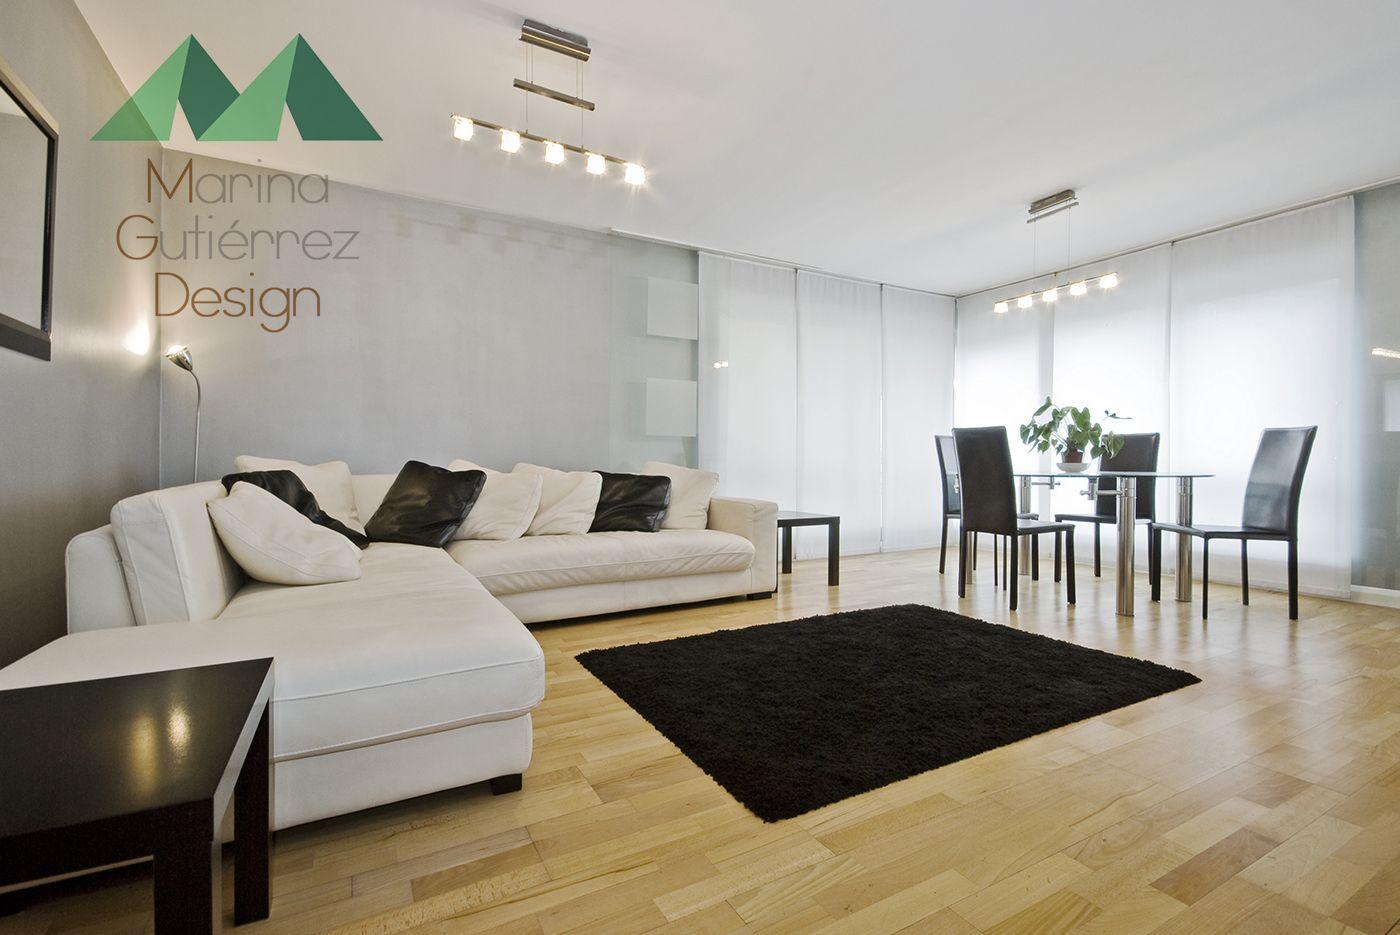 Marina Gutiérrez comenta como una moda se puede convertir en una profesión de futuro, el Home Staging